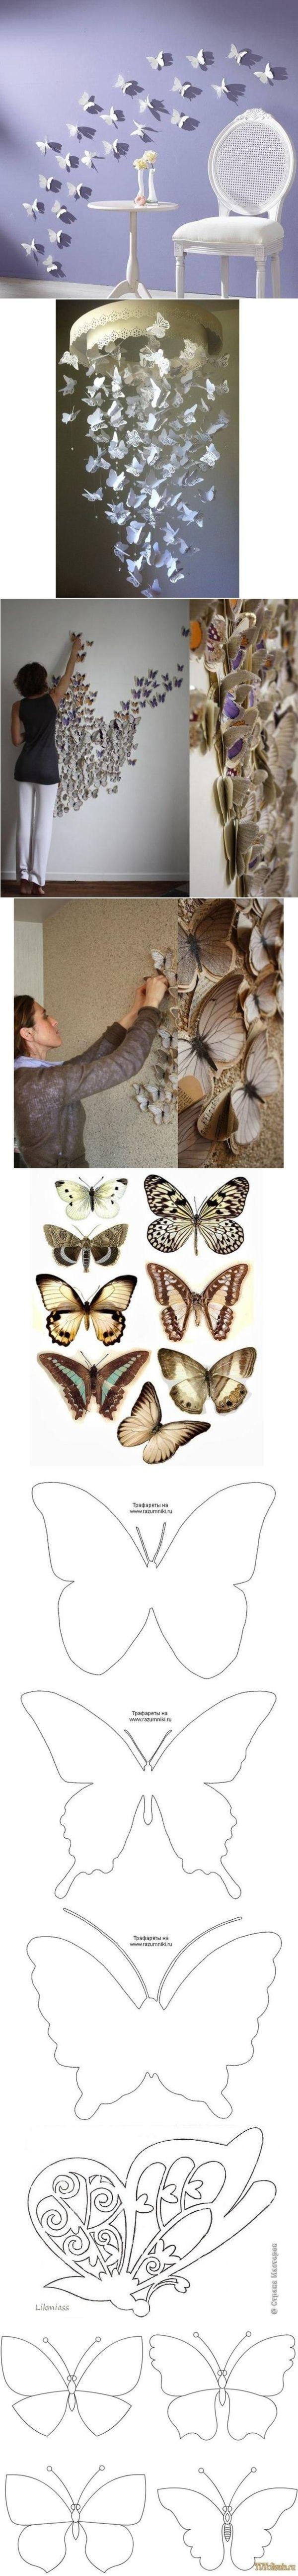 DIY Butterfly Pattern Wall Decor DIY Butterfly Pattern Wall Decor by diyforever